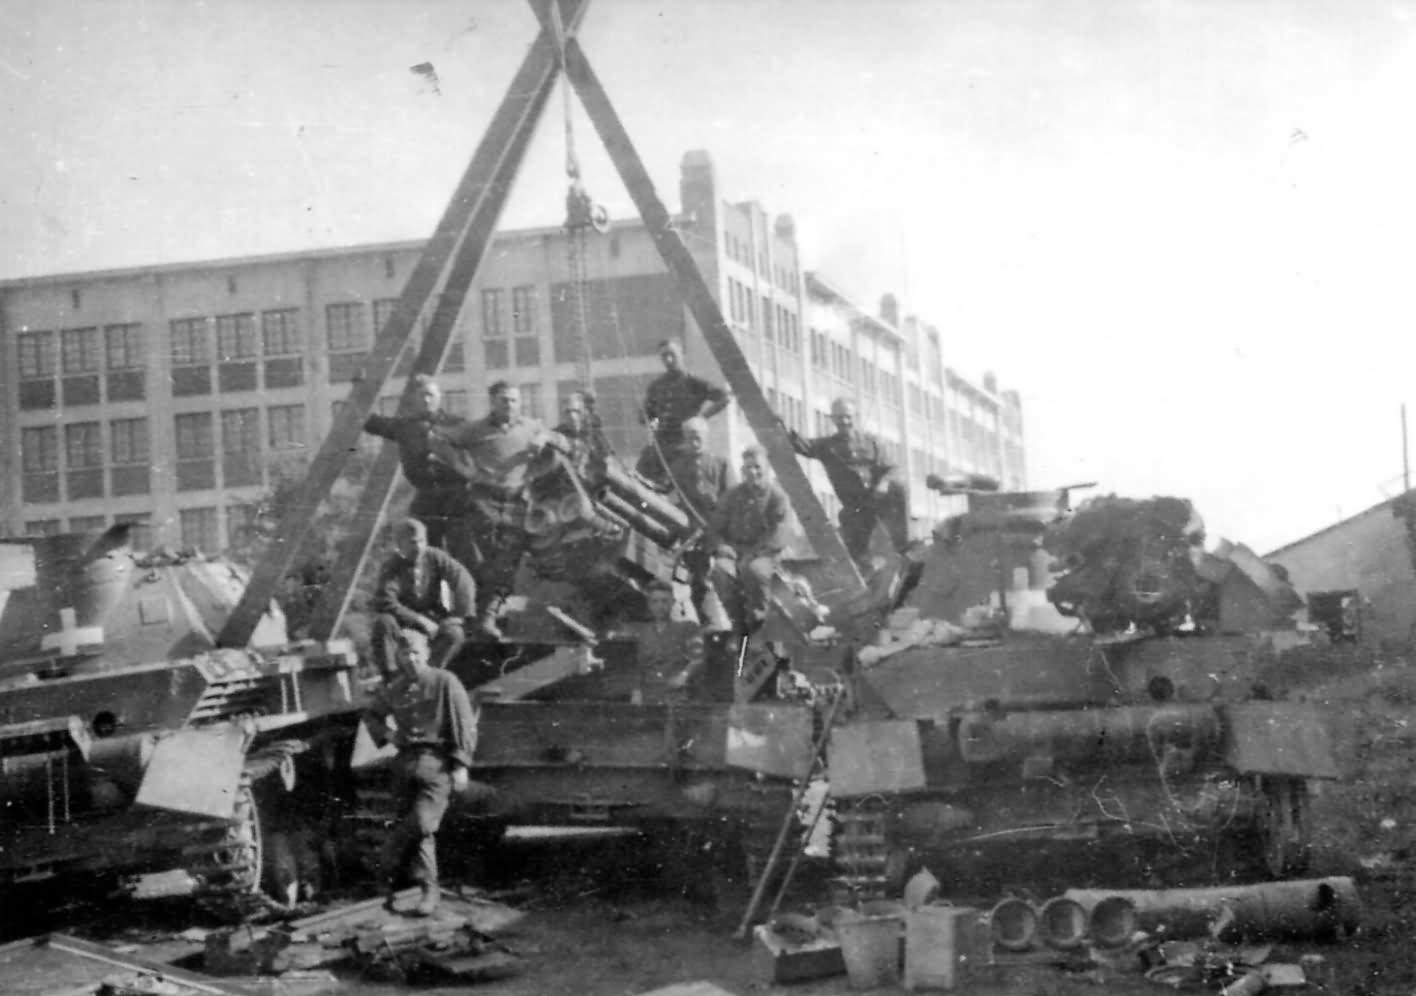 Egy Panzerkampfwagen IV Ausf. C és egy Ausf A. tart bakot egy harmadik Panzerkampfwagen IV motorszereléséhez